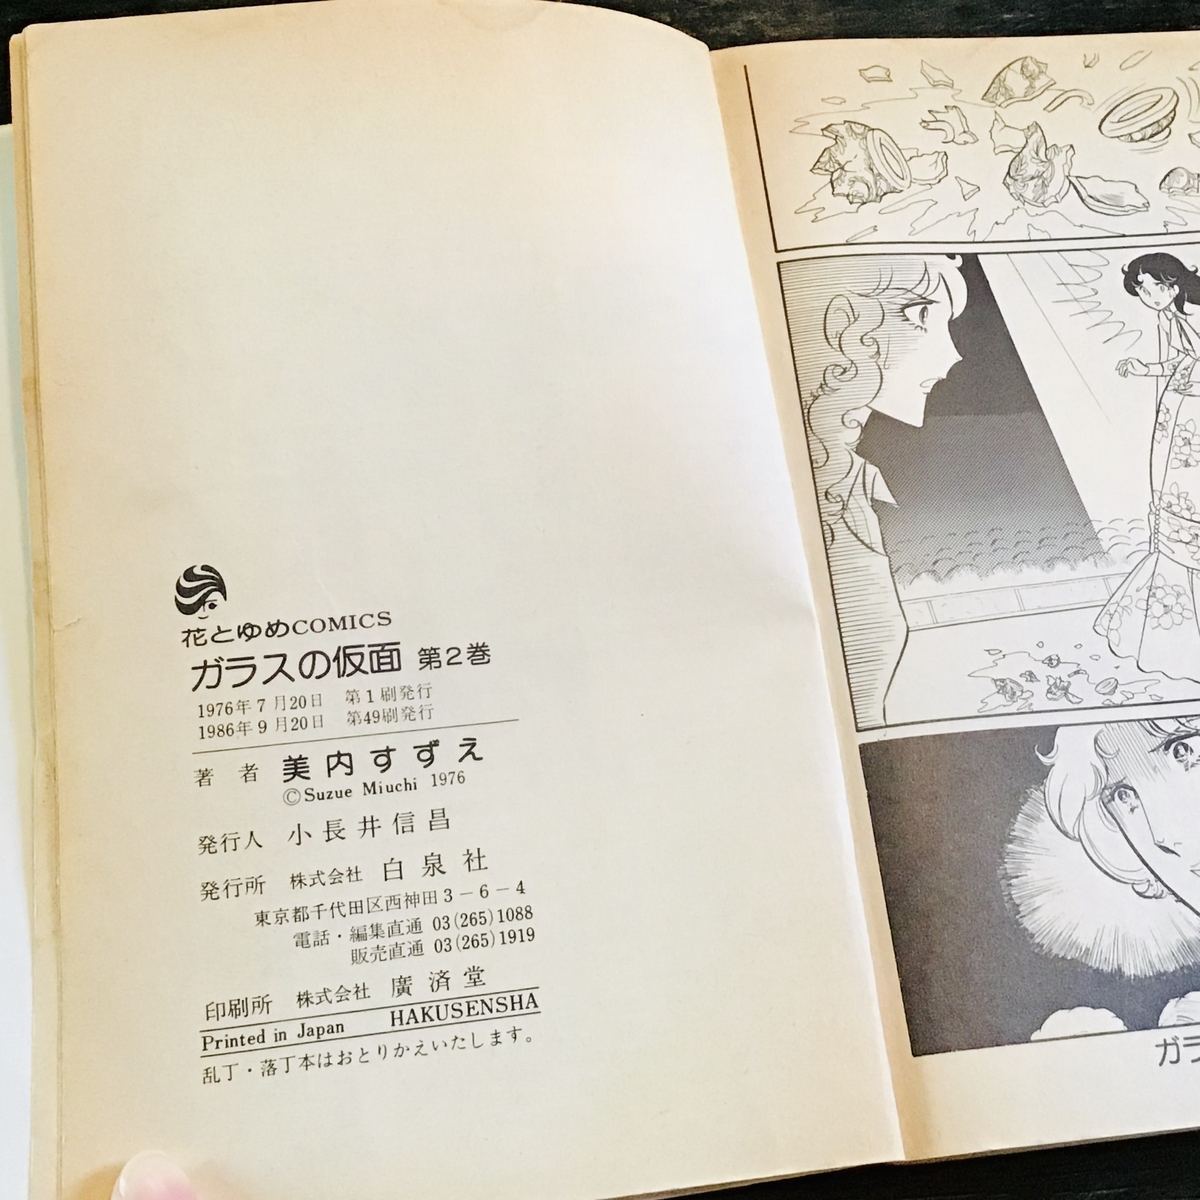 f:id:yumeusagiyukiusagi:20200707115901j:plain